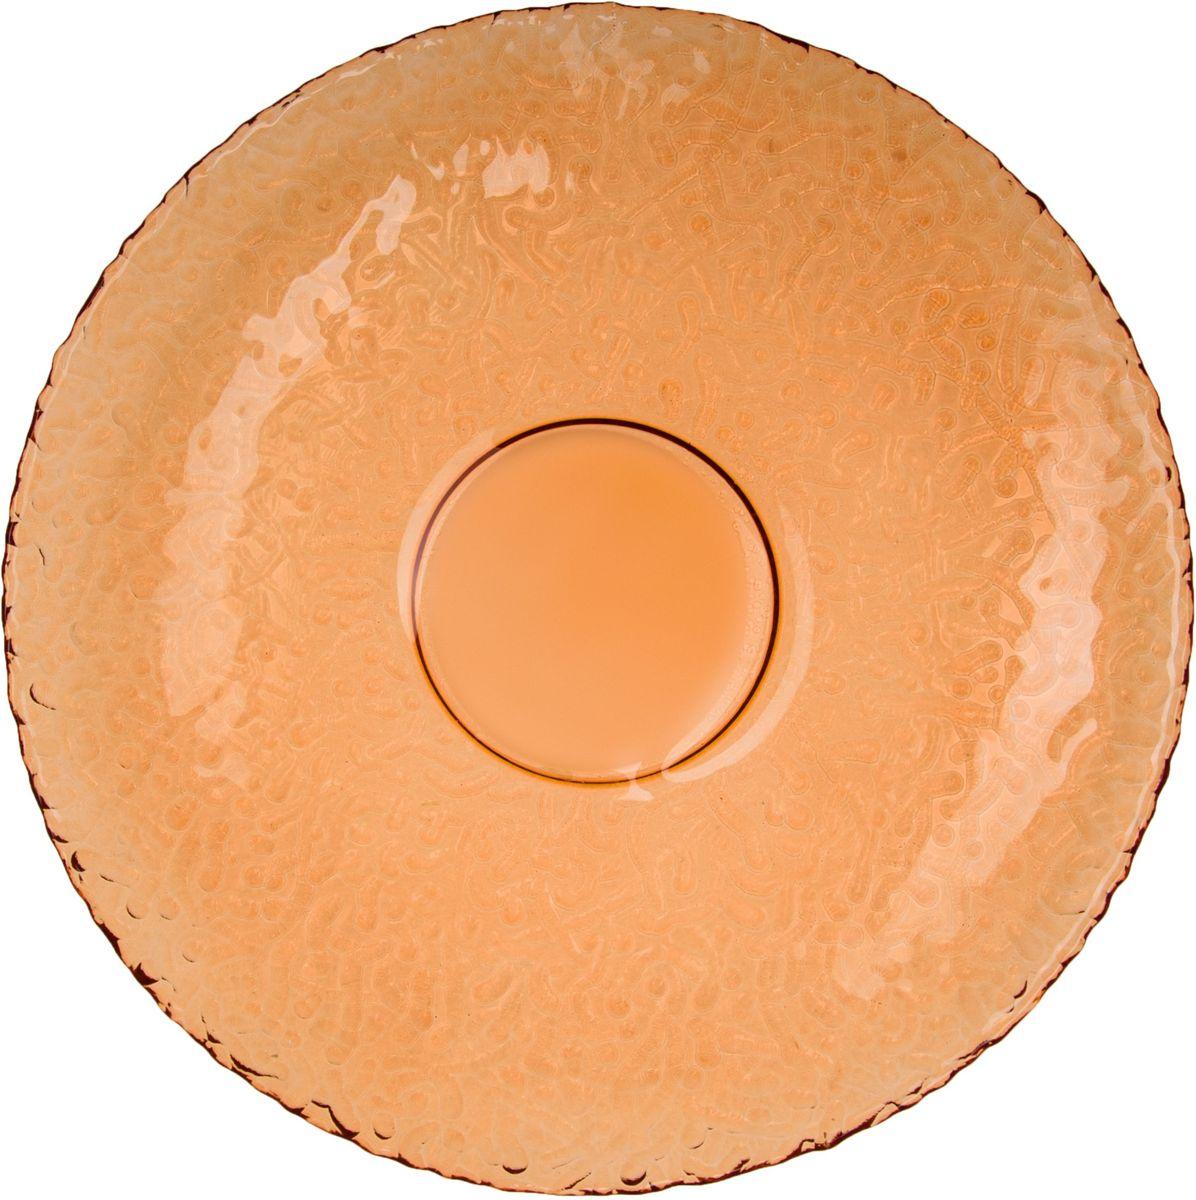 Тарелка Elff Decor Терра, цвет: оранжевый, диаметр 26 см рамка для фотографий в подарочной упаковке elff ceramics цвет серебряный металлический